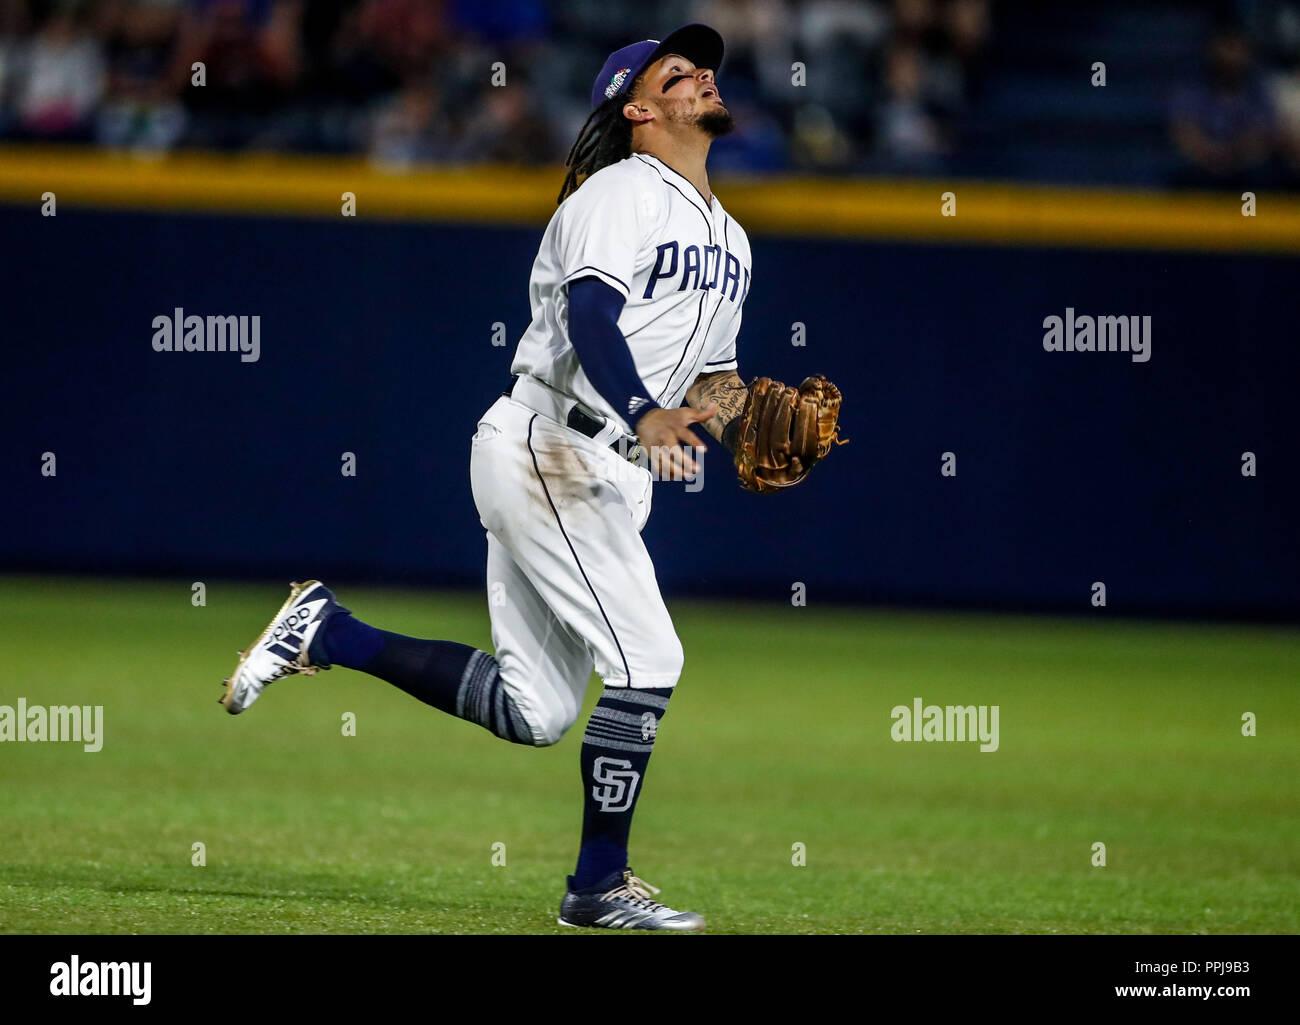 Freddy Galvis de San Diego, durante el partido de beisbol de los Dodgers de Los Angeles contra Padres de San Diego, durante el primer juego de la seri - Stock Image